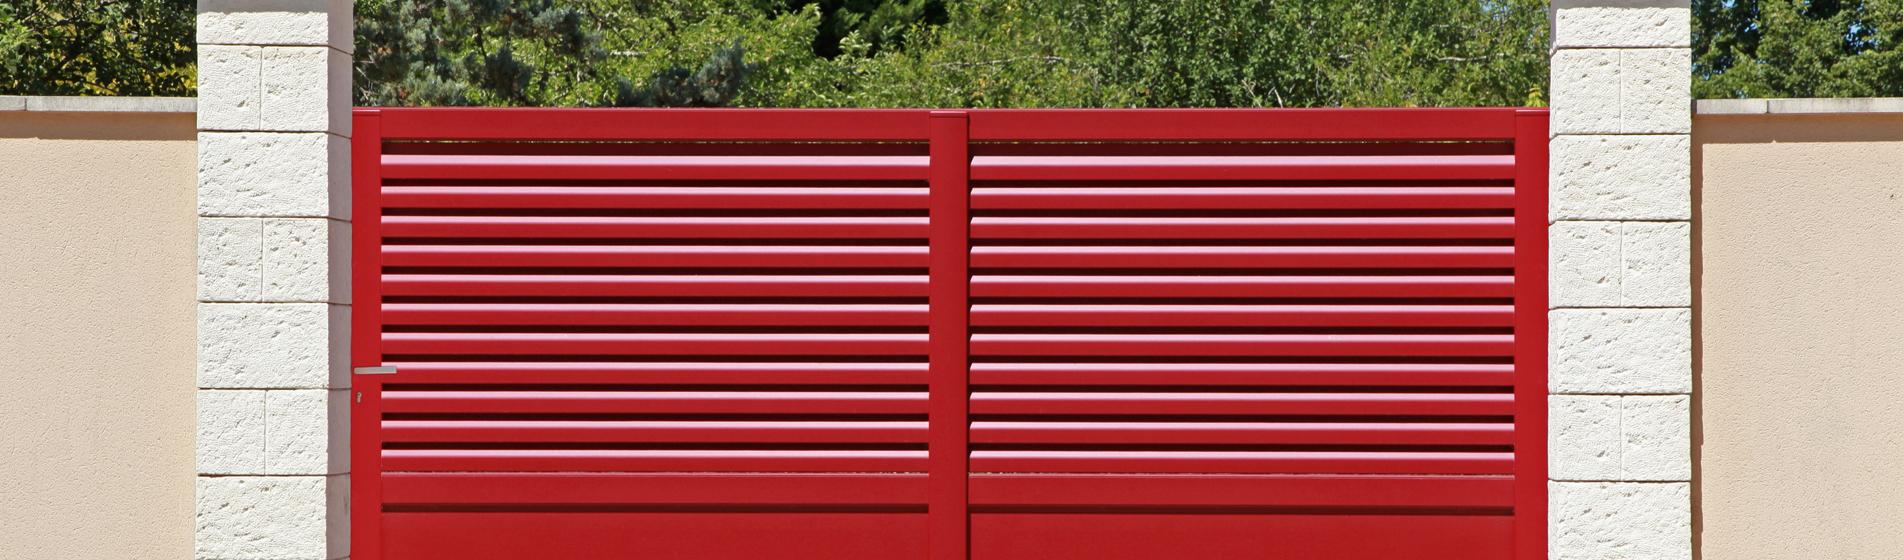 acheter portail battant electrique 13 Bouches-du-Rhône